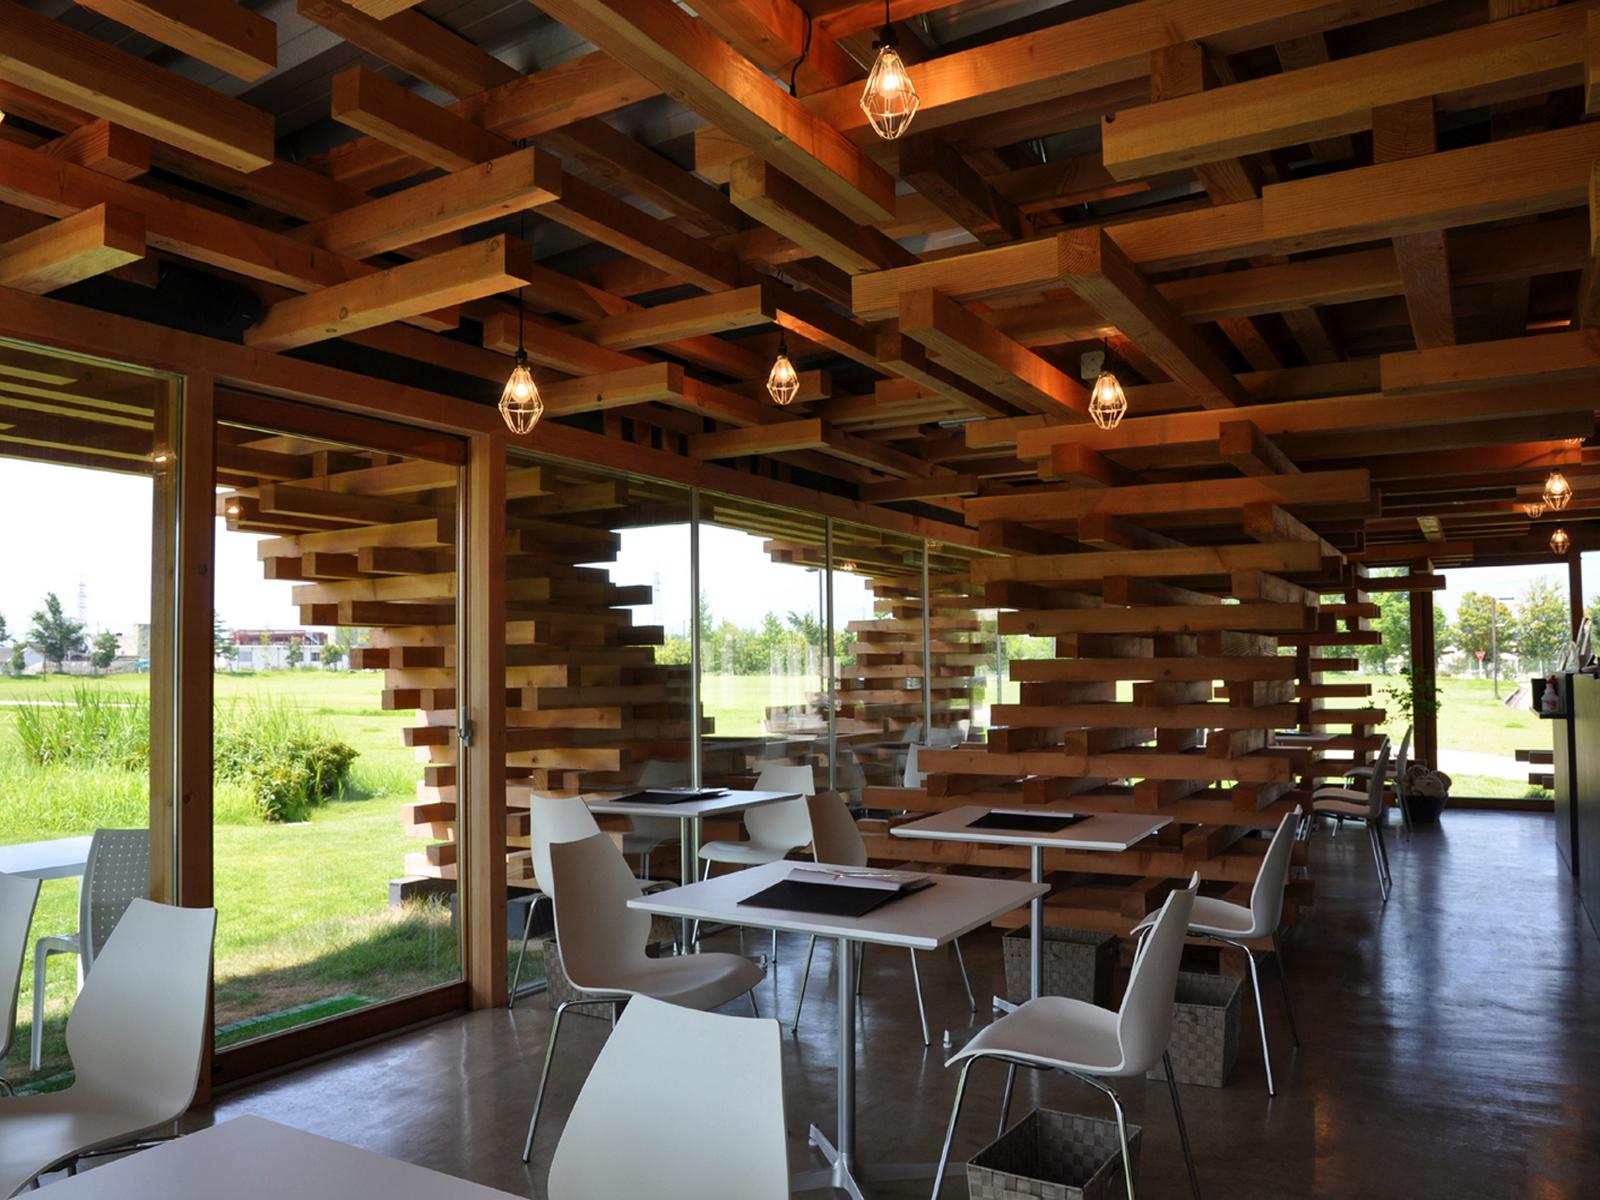 фото деревянных кафе действительности знаем